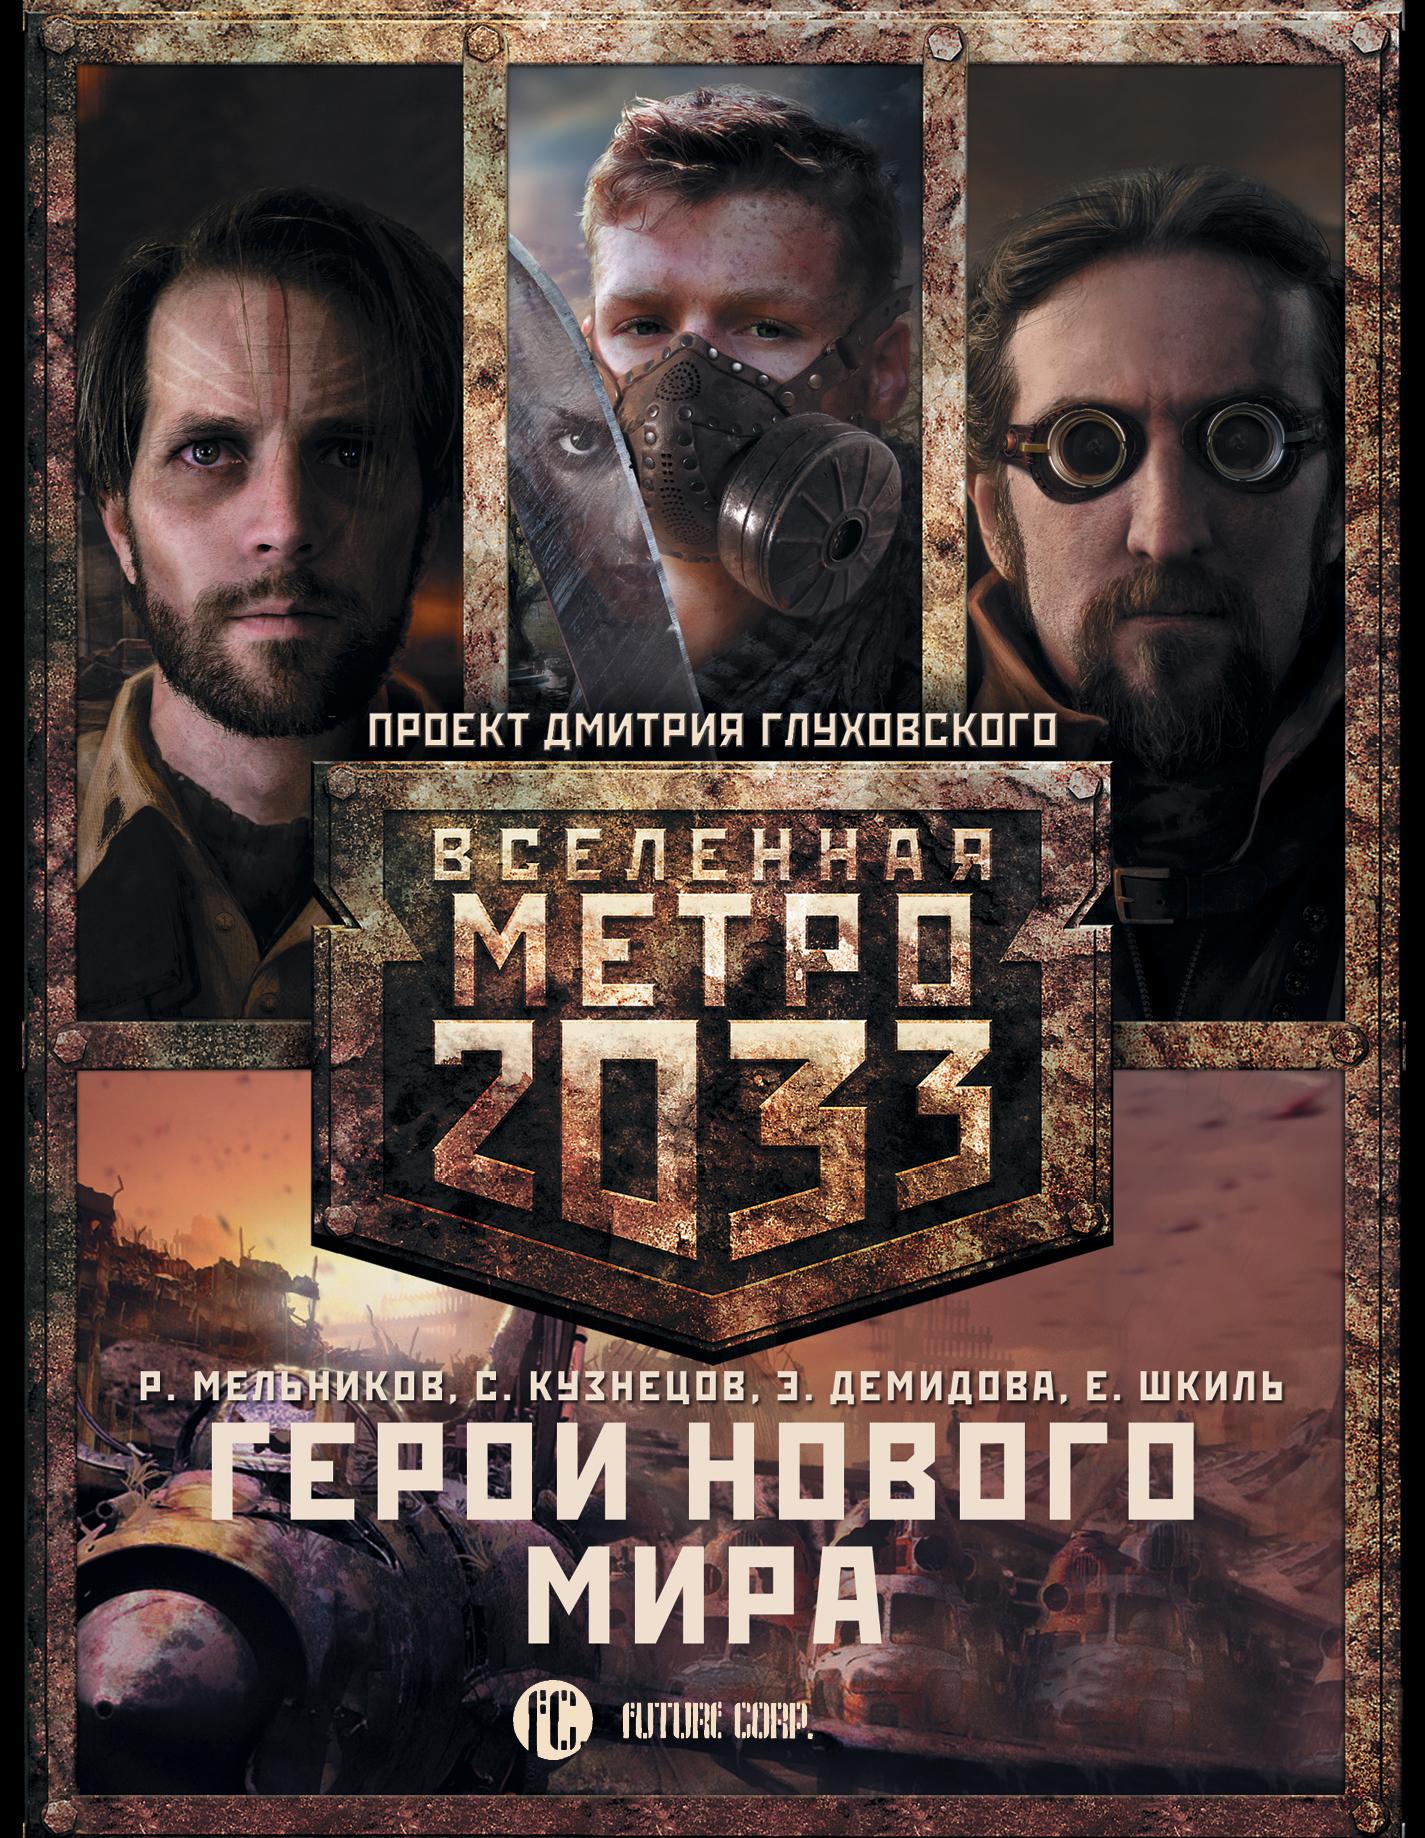 Метро 2033: Герои нового мира (комплект из 3 книг) ( Мельников Р.В., Кузнецов С.Б., Демидова Э.В., Шкиль Е.Ю.  )